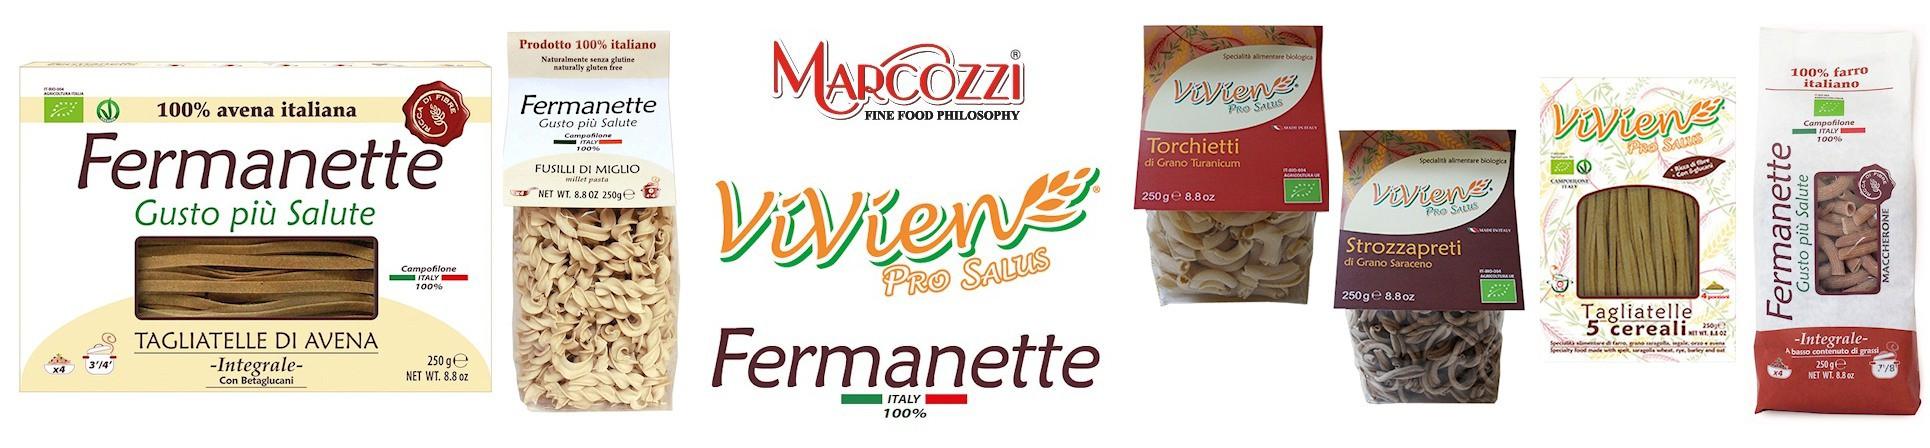 B2B GUSTOX - il Marketplace all'ingrosso delle eccellenze agroalimetari italiane - Pro Salus, Fermanette - PASTIFICIO MARCOZZI